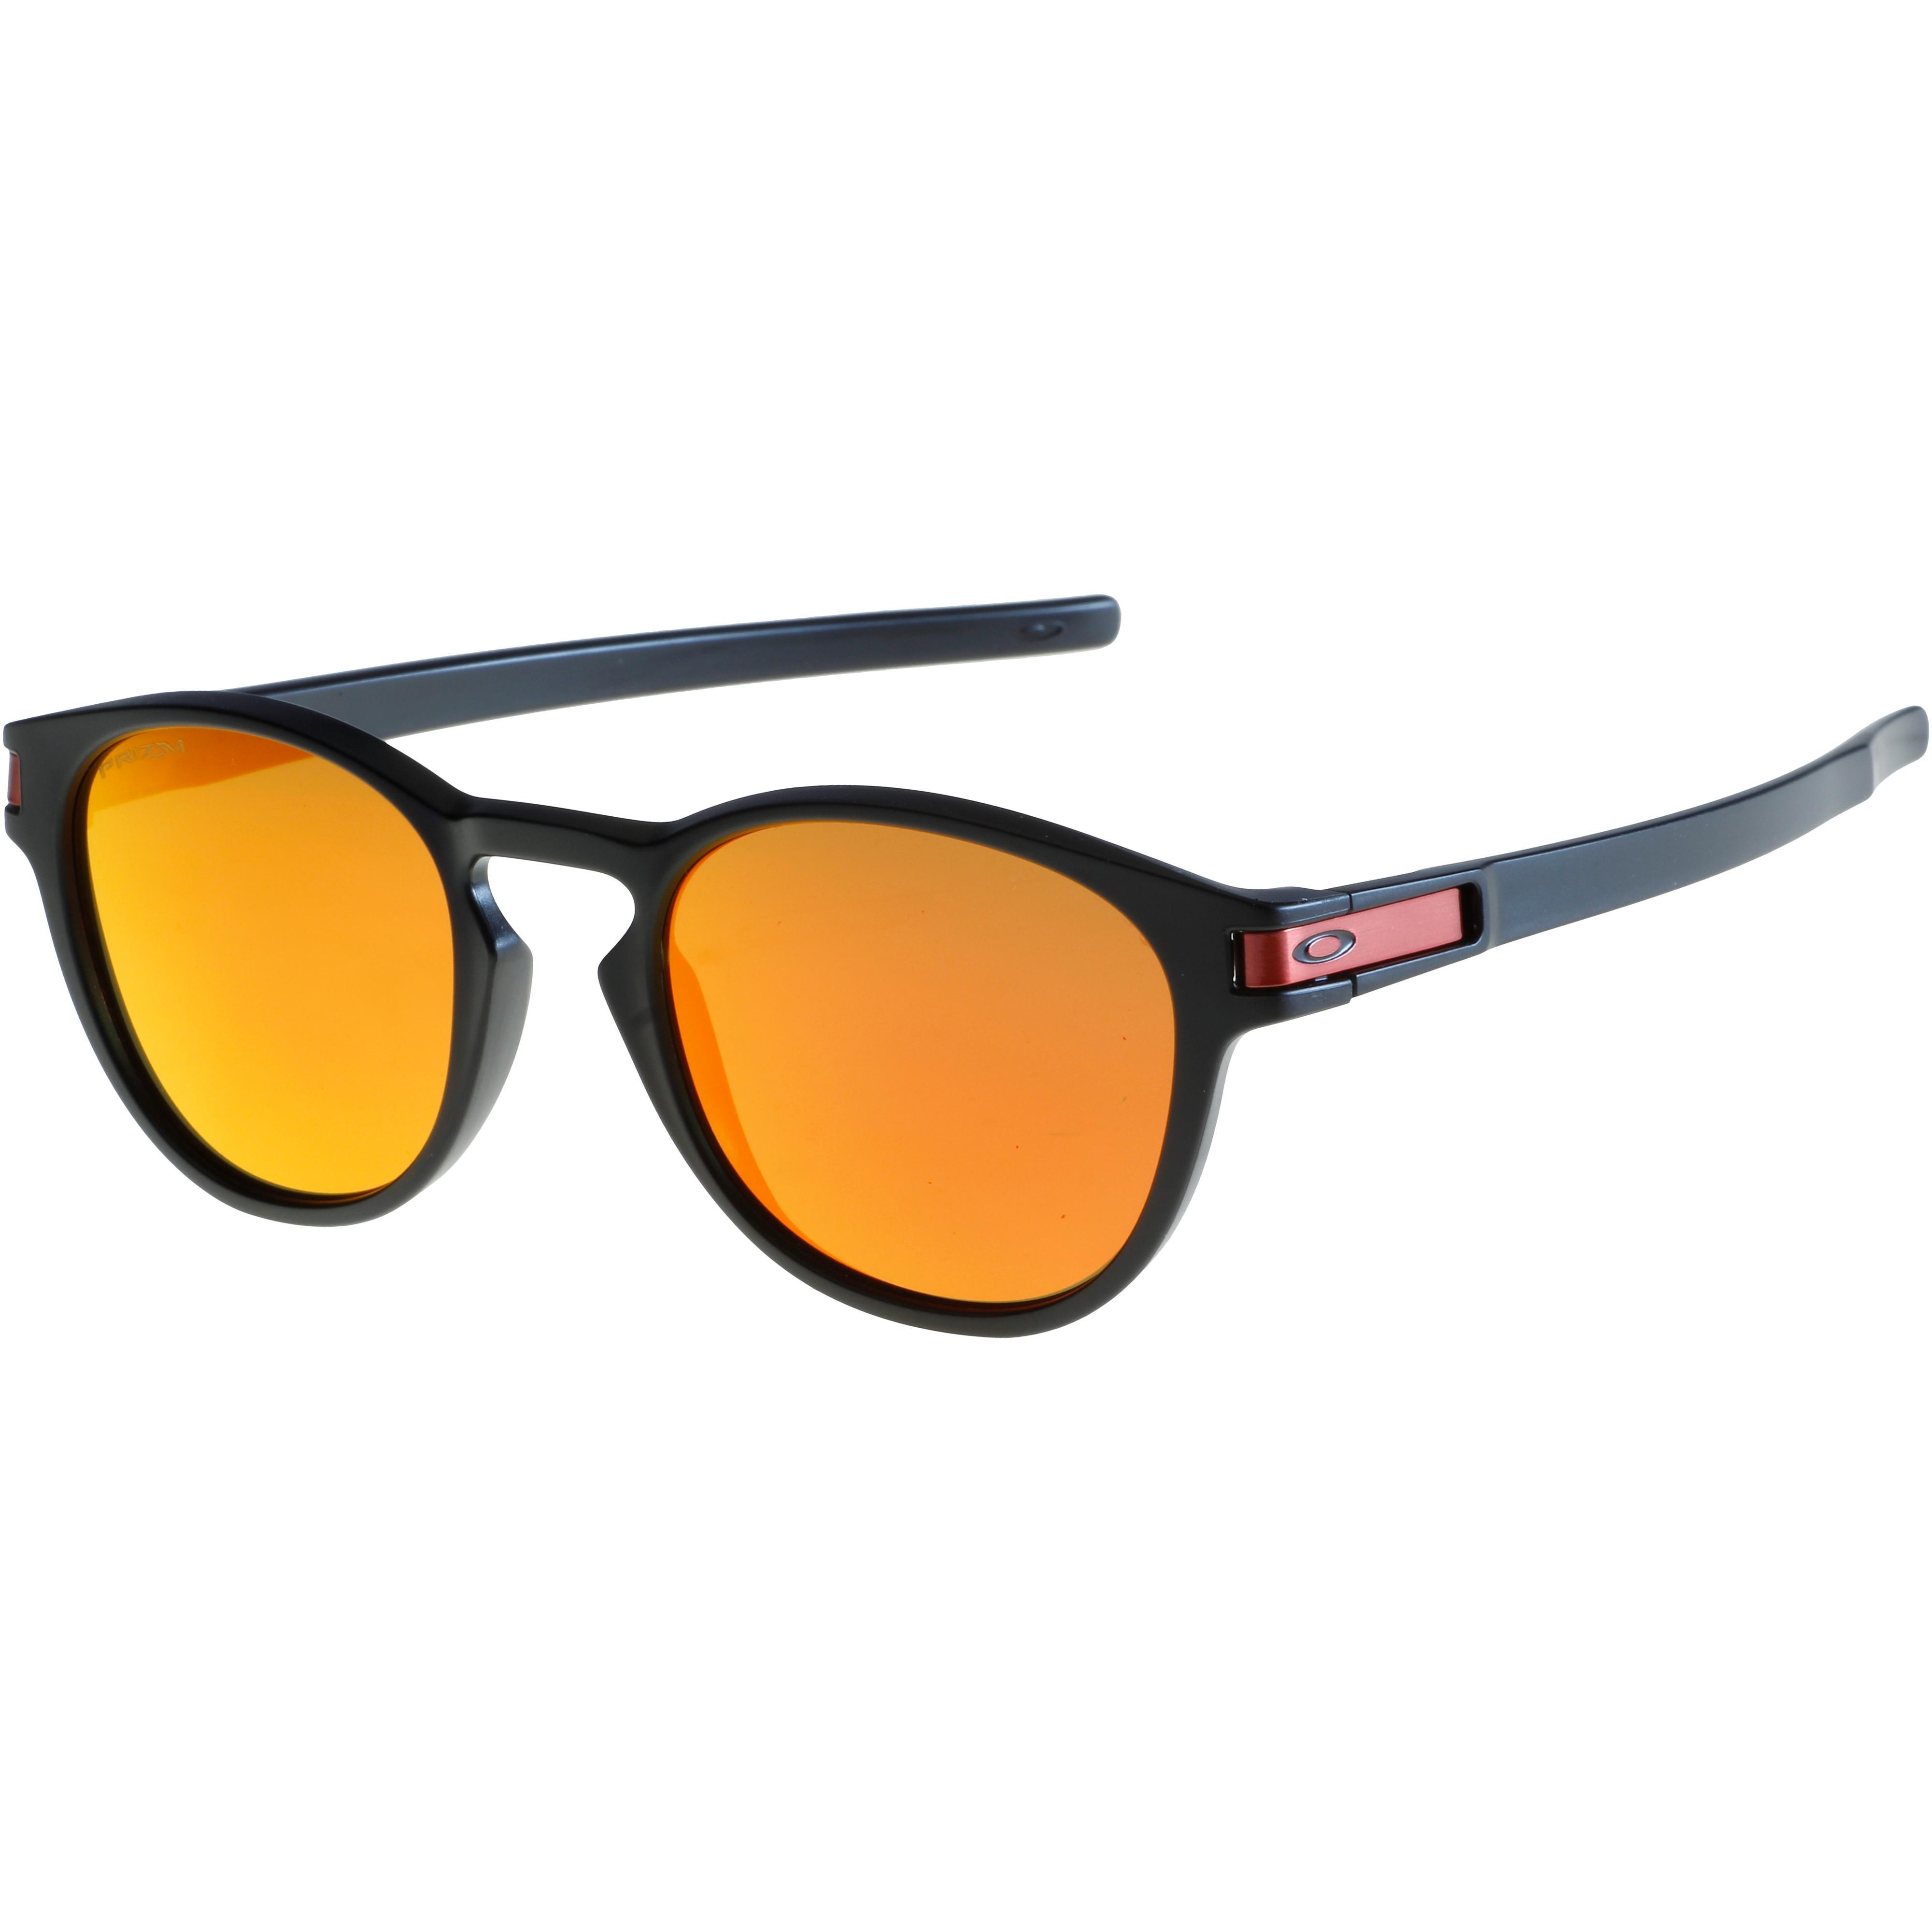 Sonnenbrillen D & T 2019 Großen Rahmen Schöner Mann Sonnenbrille Mode Marke Designer Klassische Frauen Sonne Gläser Vintage Große Outdoor Goggle Uv400 Herren-brillen